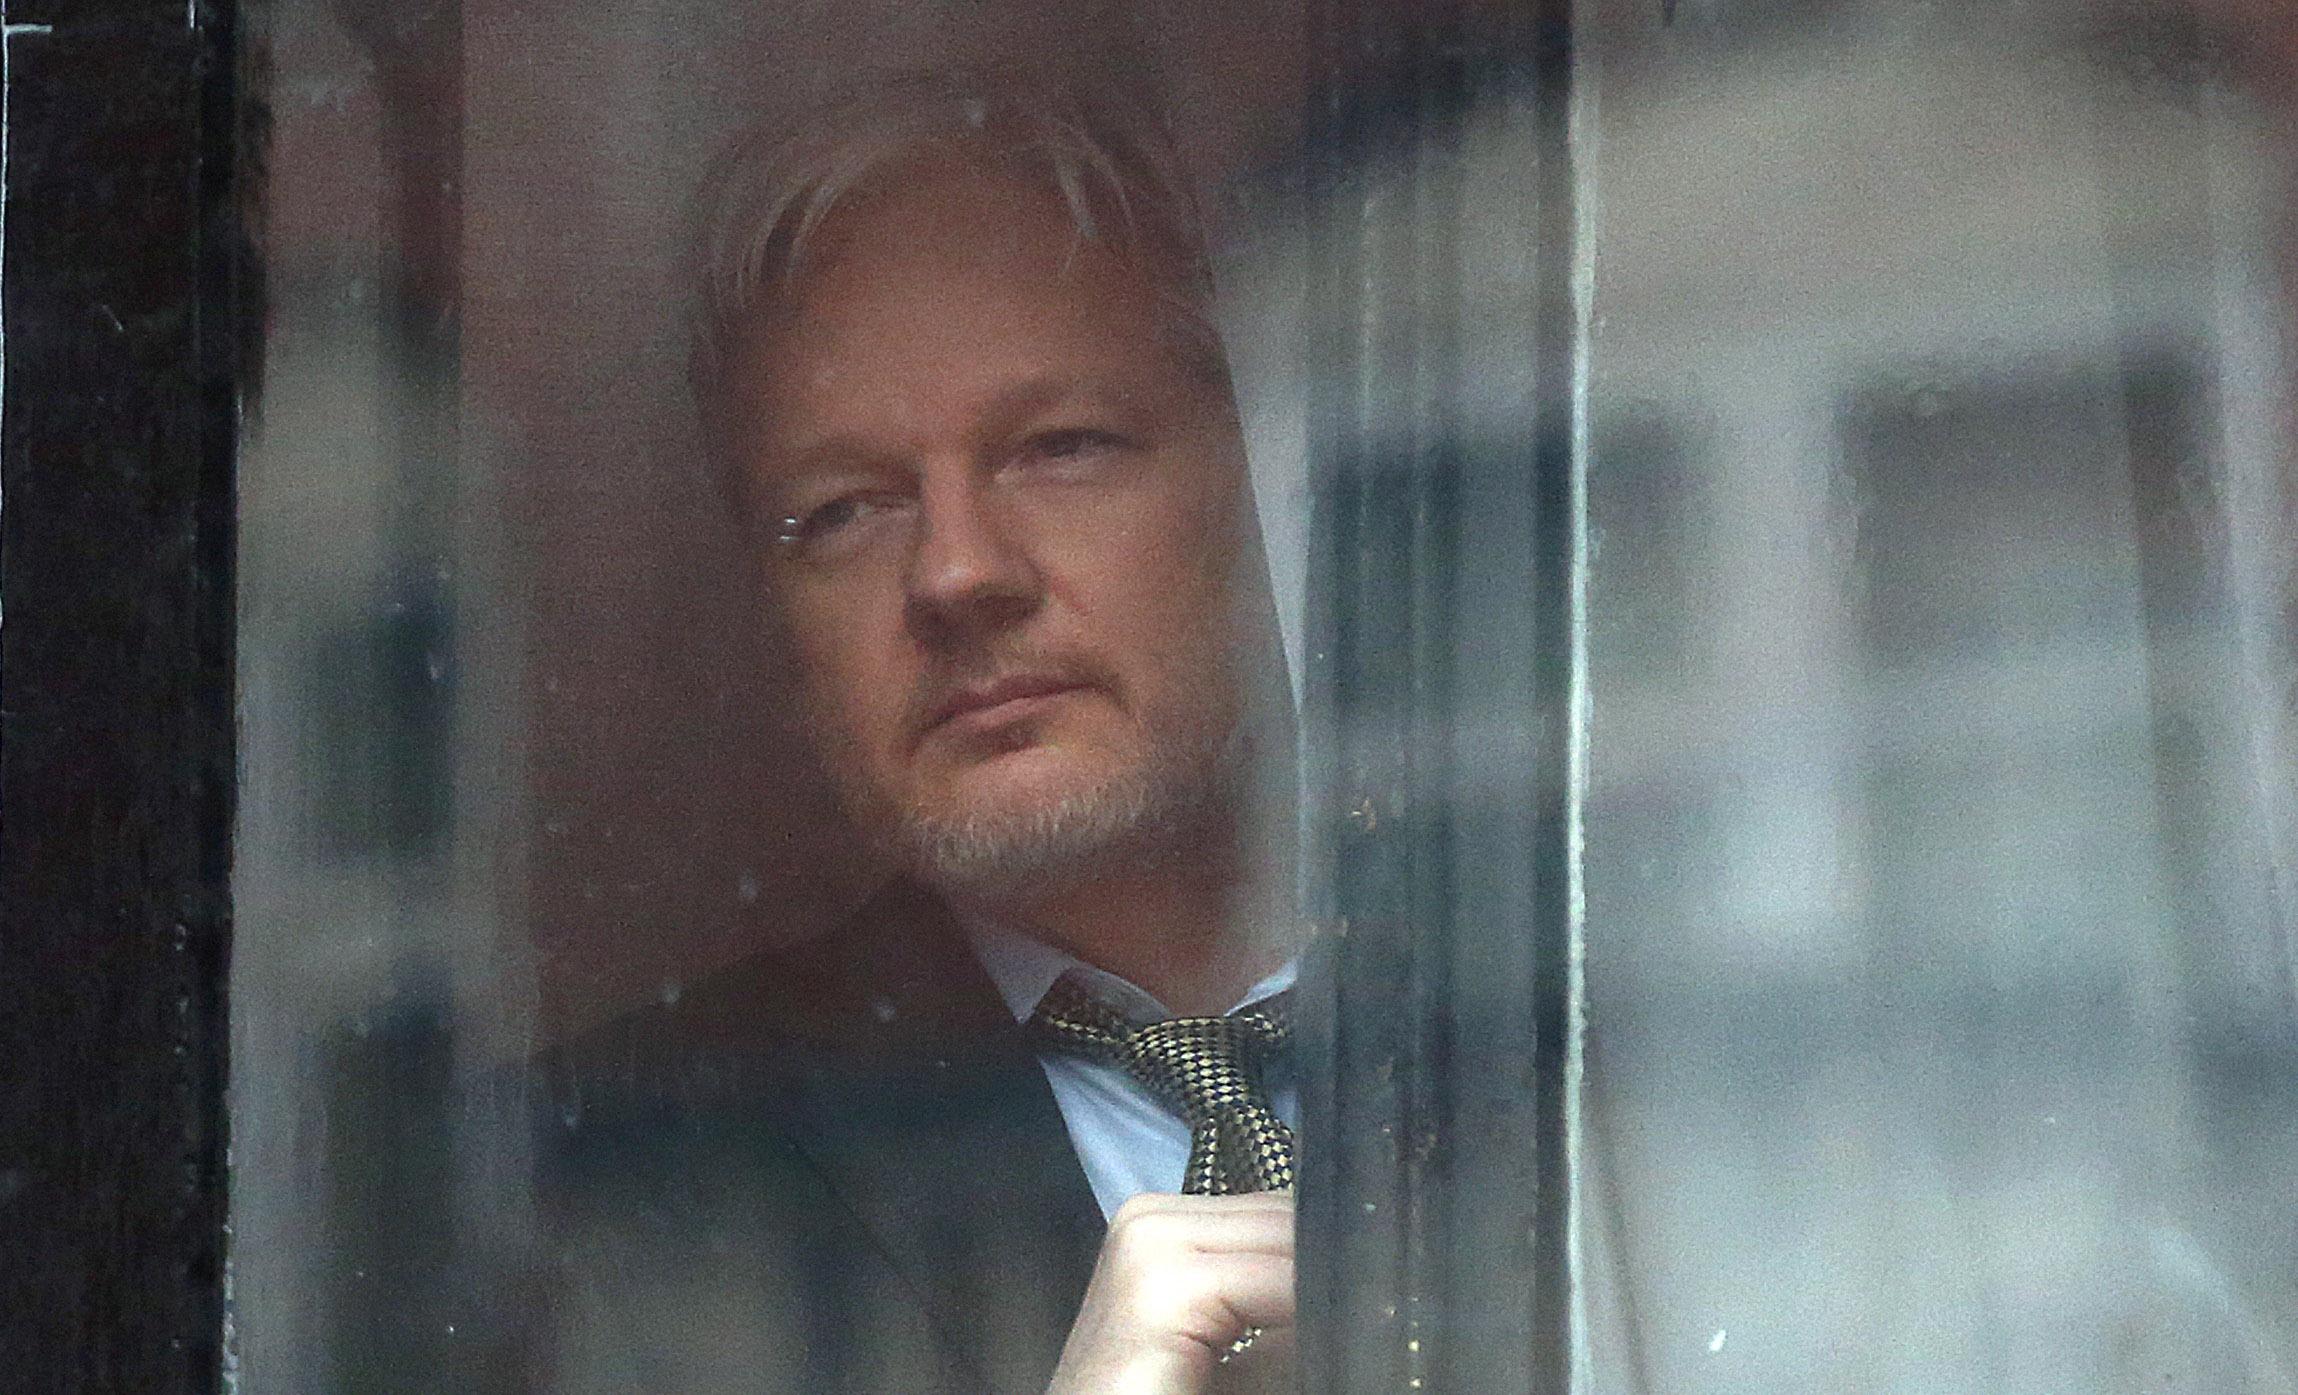 WikiLeaks, Julian Assange not permitted attend funeral, Gavin MacFayden dead, Julian Assange rape, Wikileaks Hillary Clinton, WikiLeaks Donald Trump